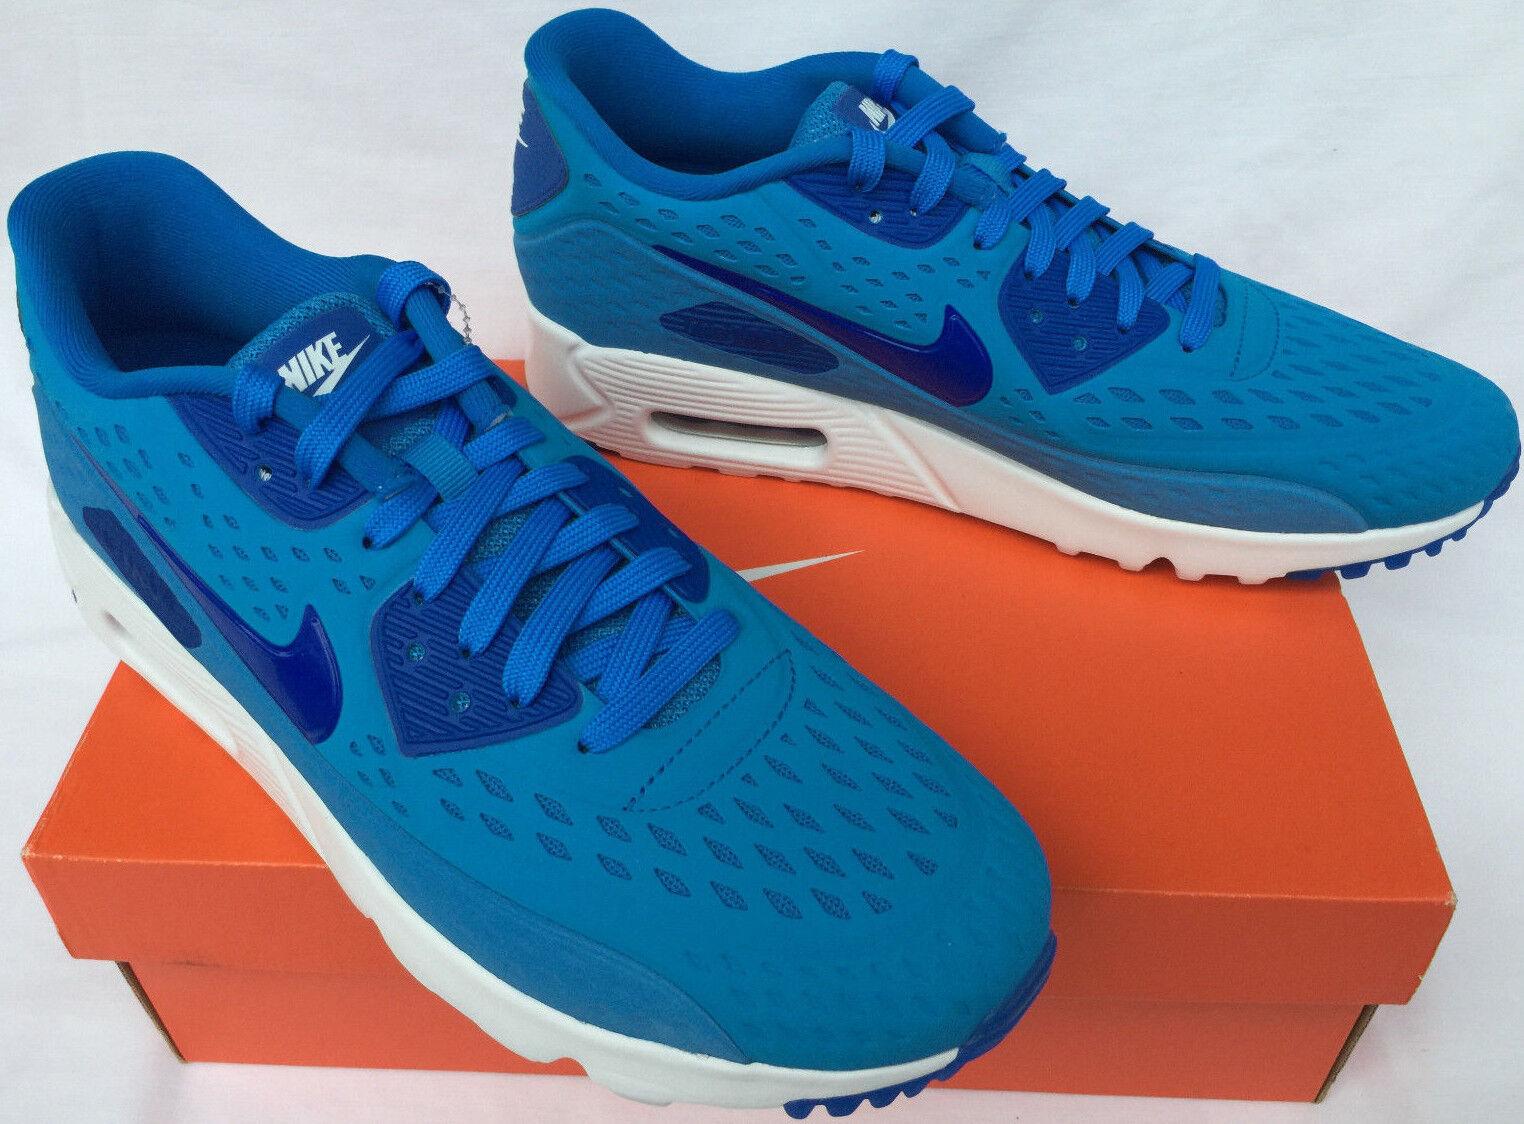 Nike Air Max 90 Ultra Breathe 725222-404 Reflect Marathon fonctionnement 12 chaussures homme 12 fonctionnement b9d9d2